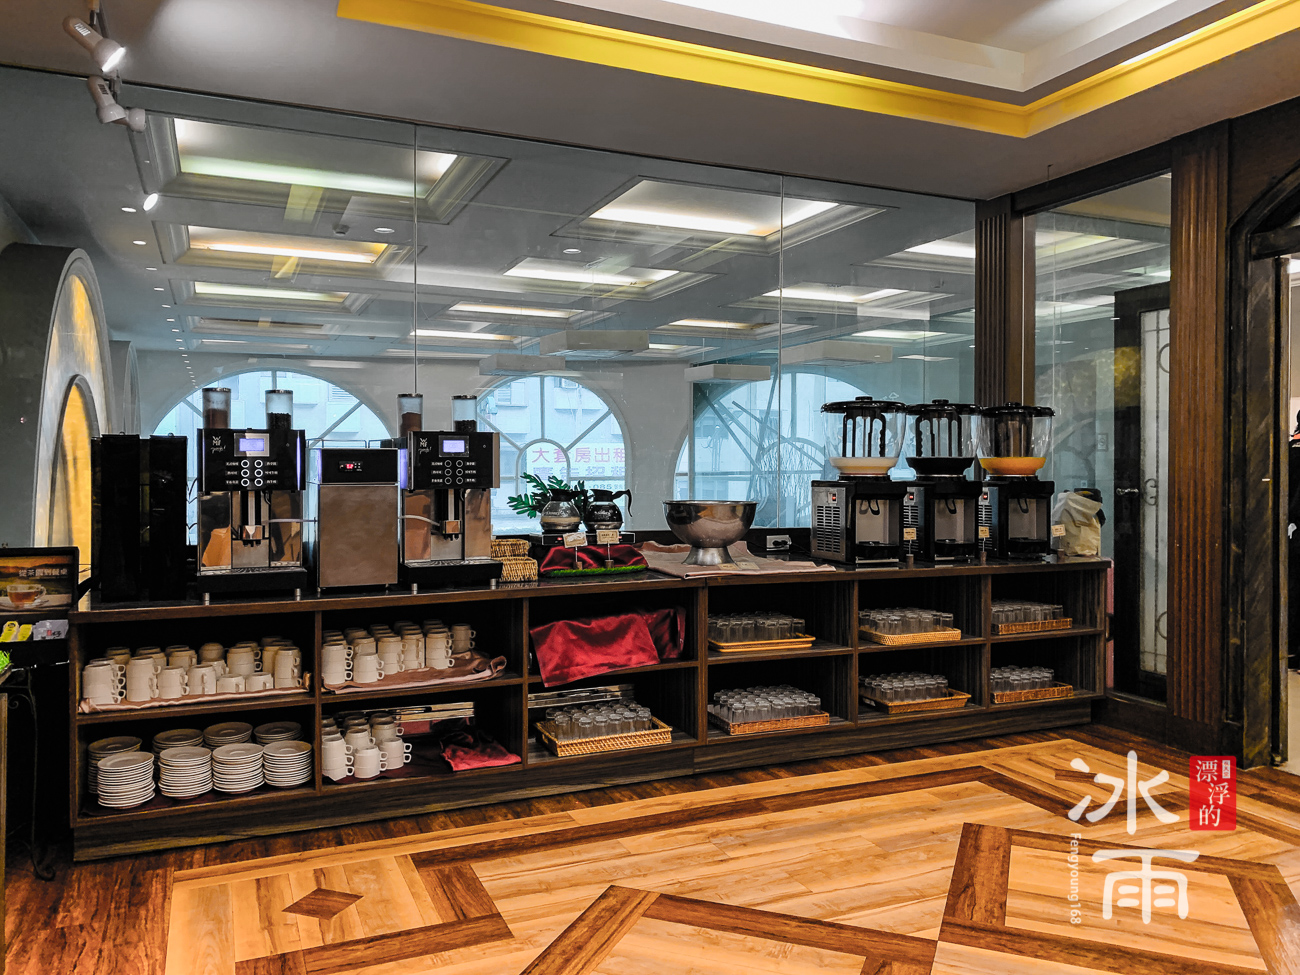 川湯春天溫泉飯店德陽館|自助餐檯